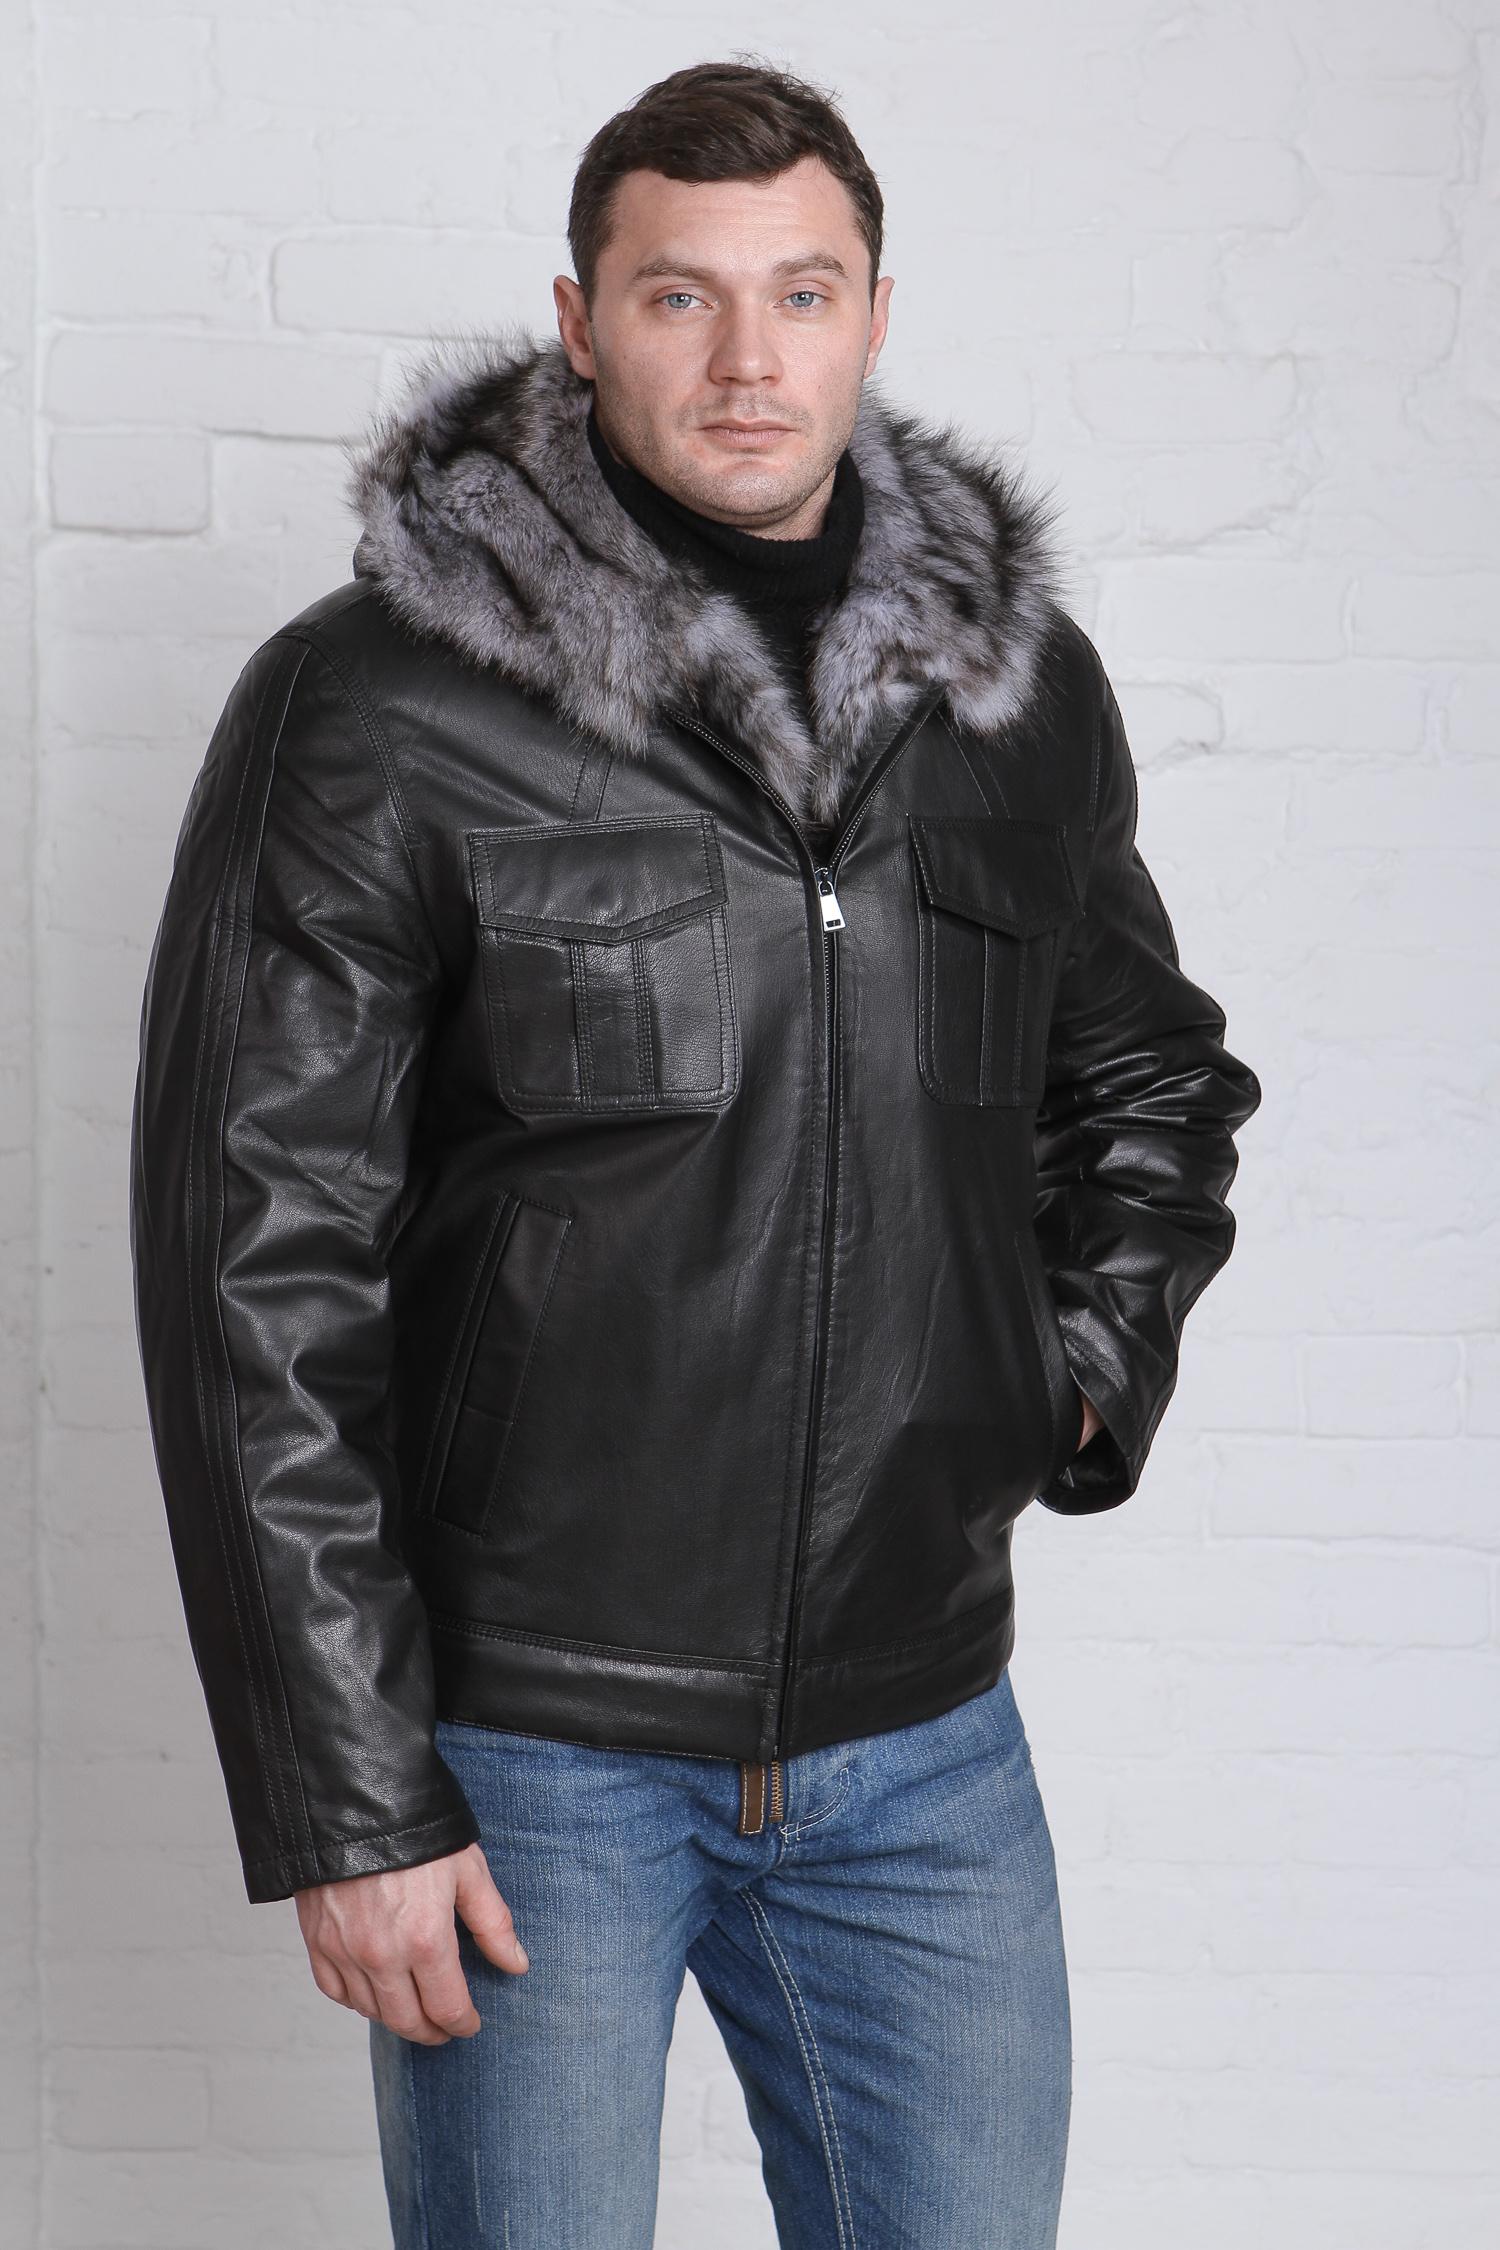 Мужская кожаная куртка из натуральной кожи с капюшоном, отделка тоскана<br><br>Воротник: капюшон<br>Длина см: Короткая (51-74 )<br>Материал: Кожа овчина<br>Цвет: черный<br>Вид застежки: центральная<br>Застежка: на молнии<br>Пол: Мужской<br>Размер RU: 58